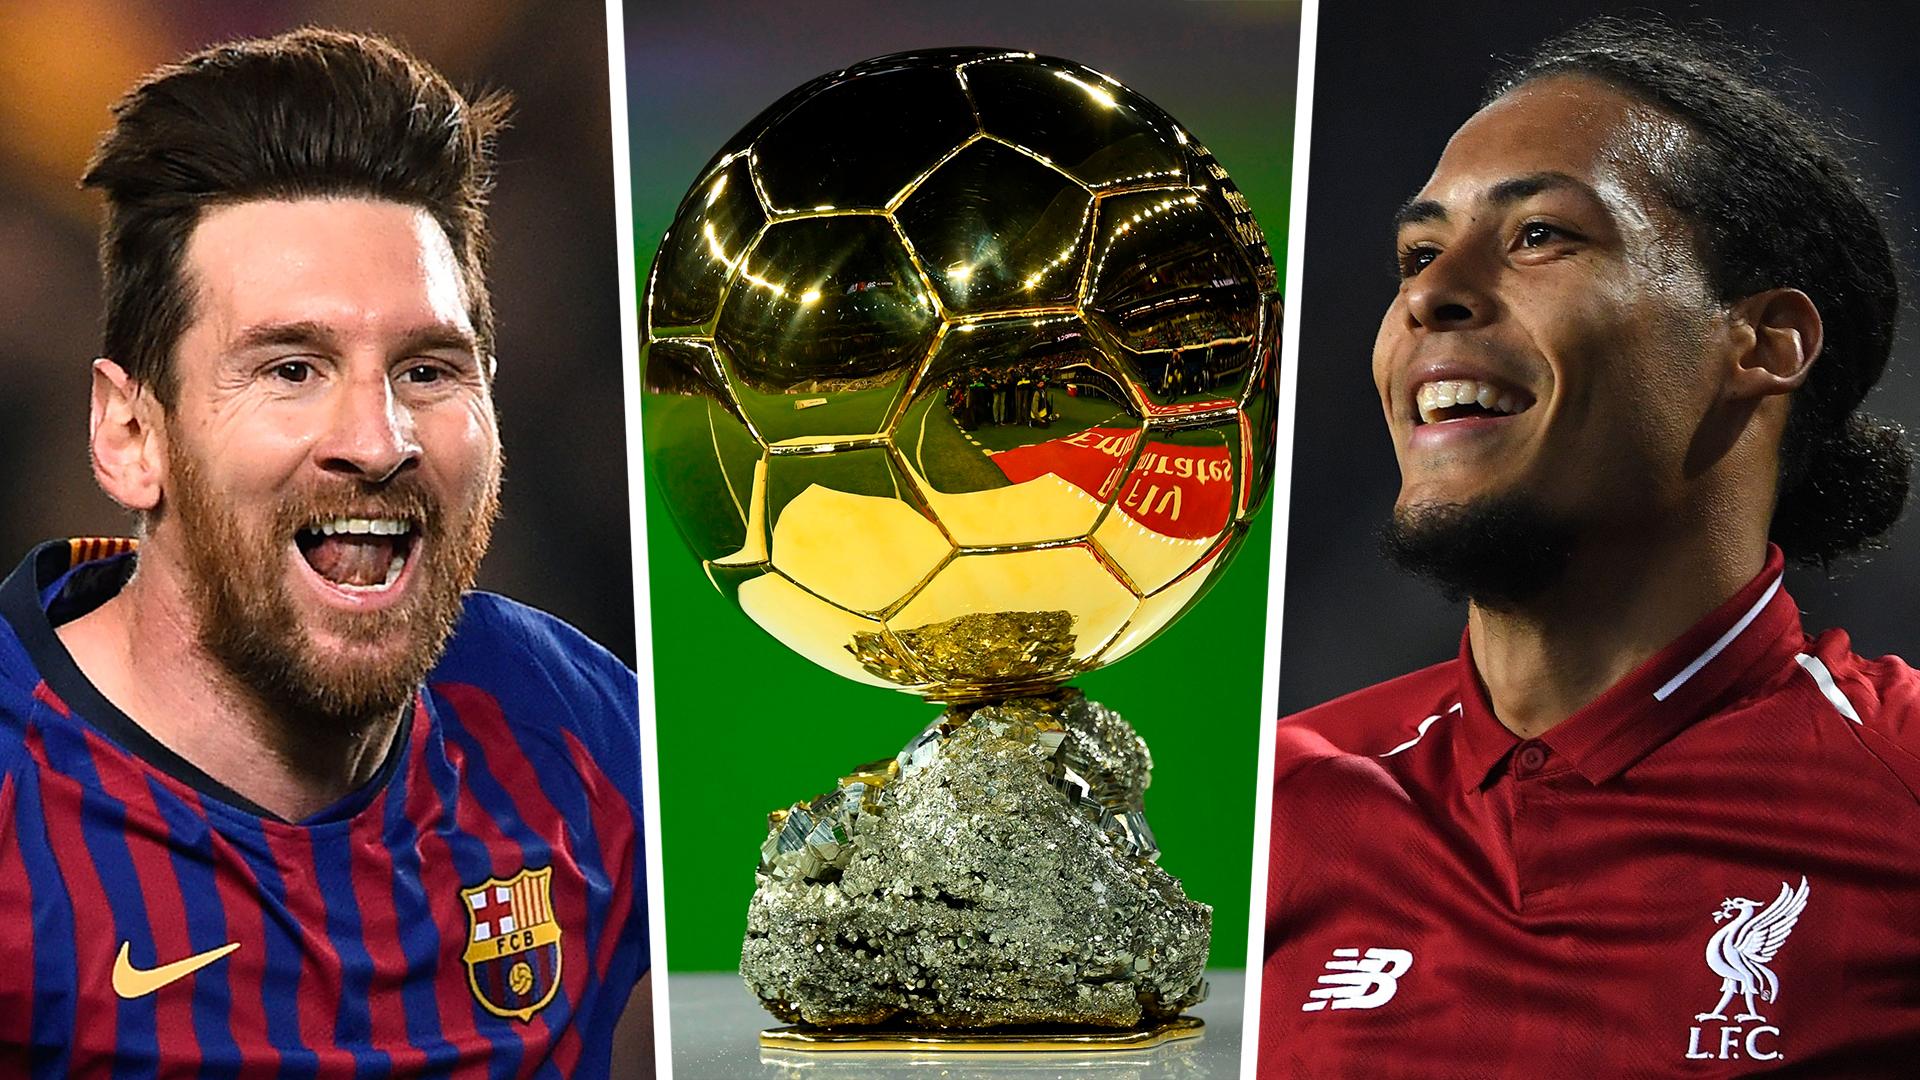 Messi Is Still The Best Barcelona Star Deserved Ballon D Or Despite Van Dijk Form Claims Stam Goal Com